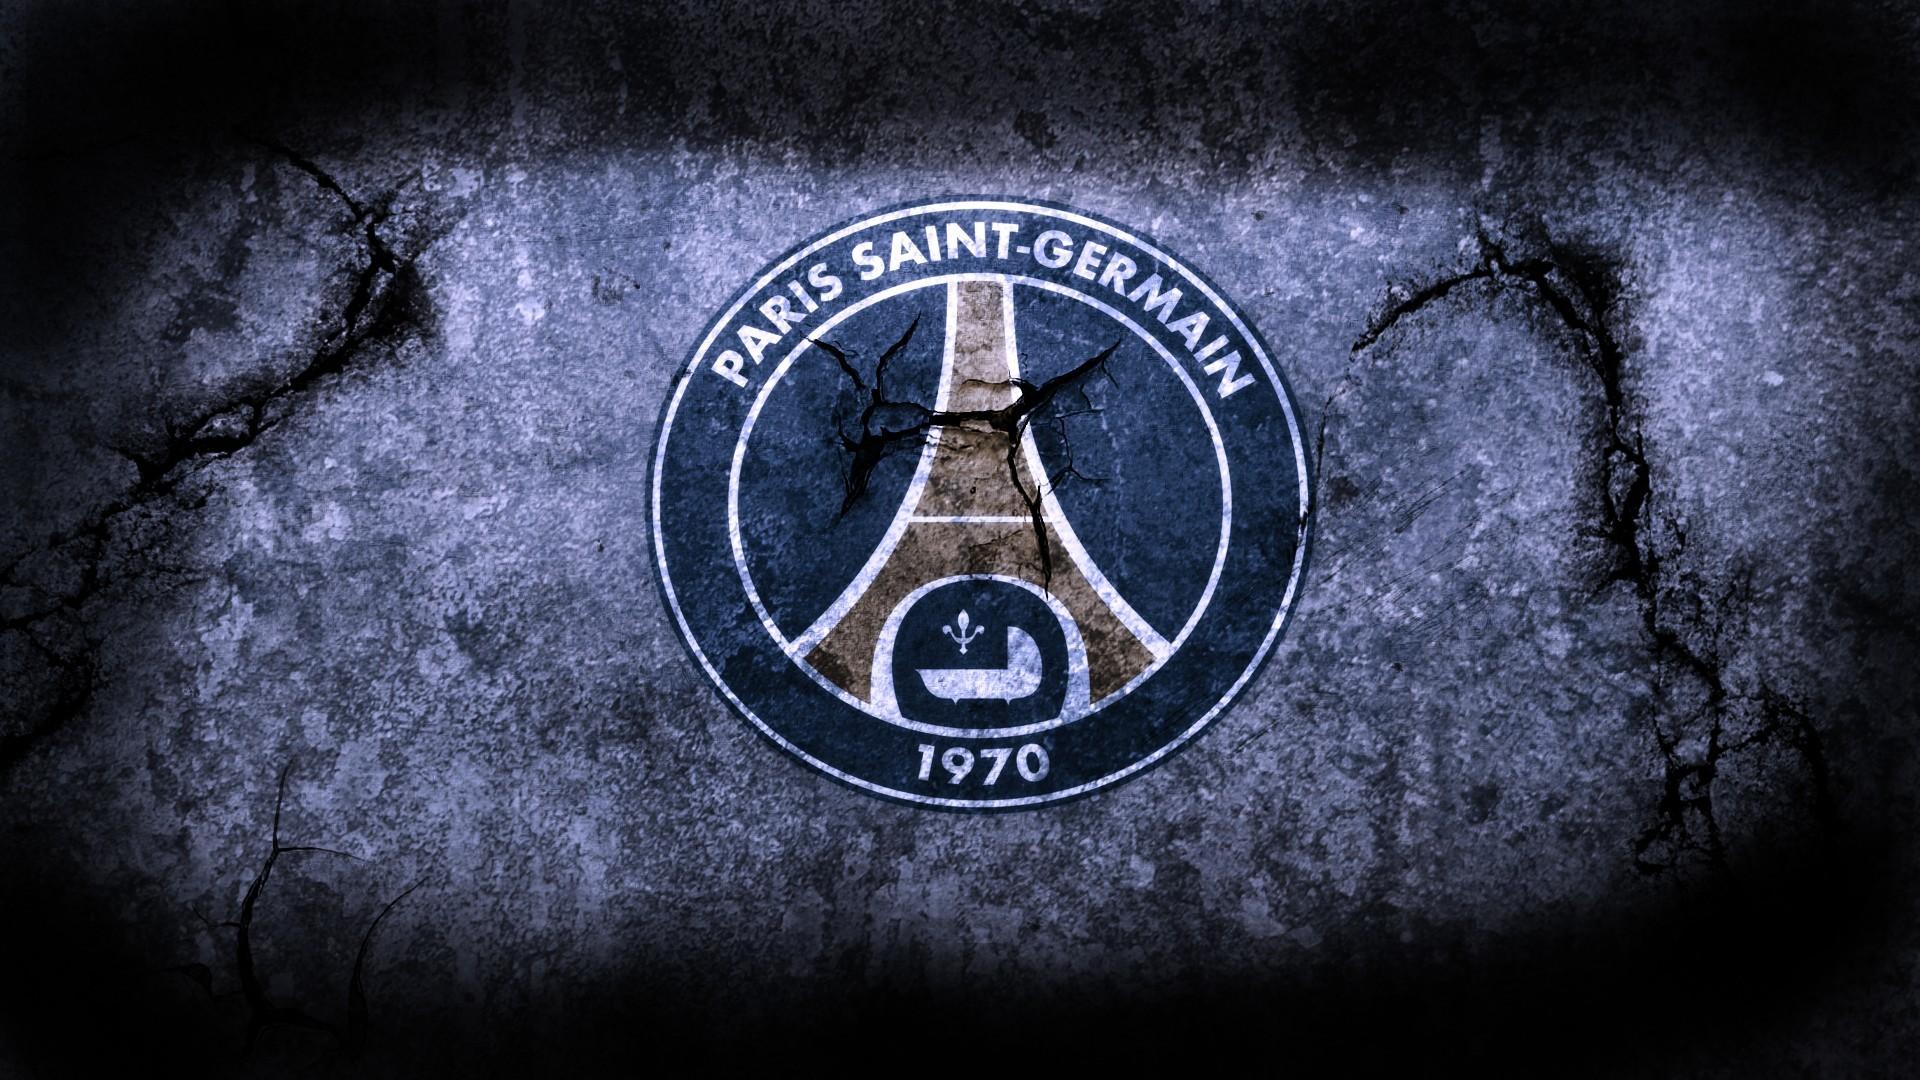 Res: 1920x1080, Paris Saint-Germain F.C. Wallpapers